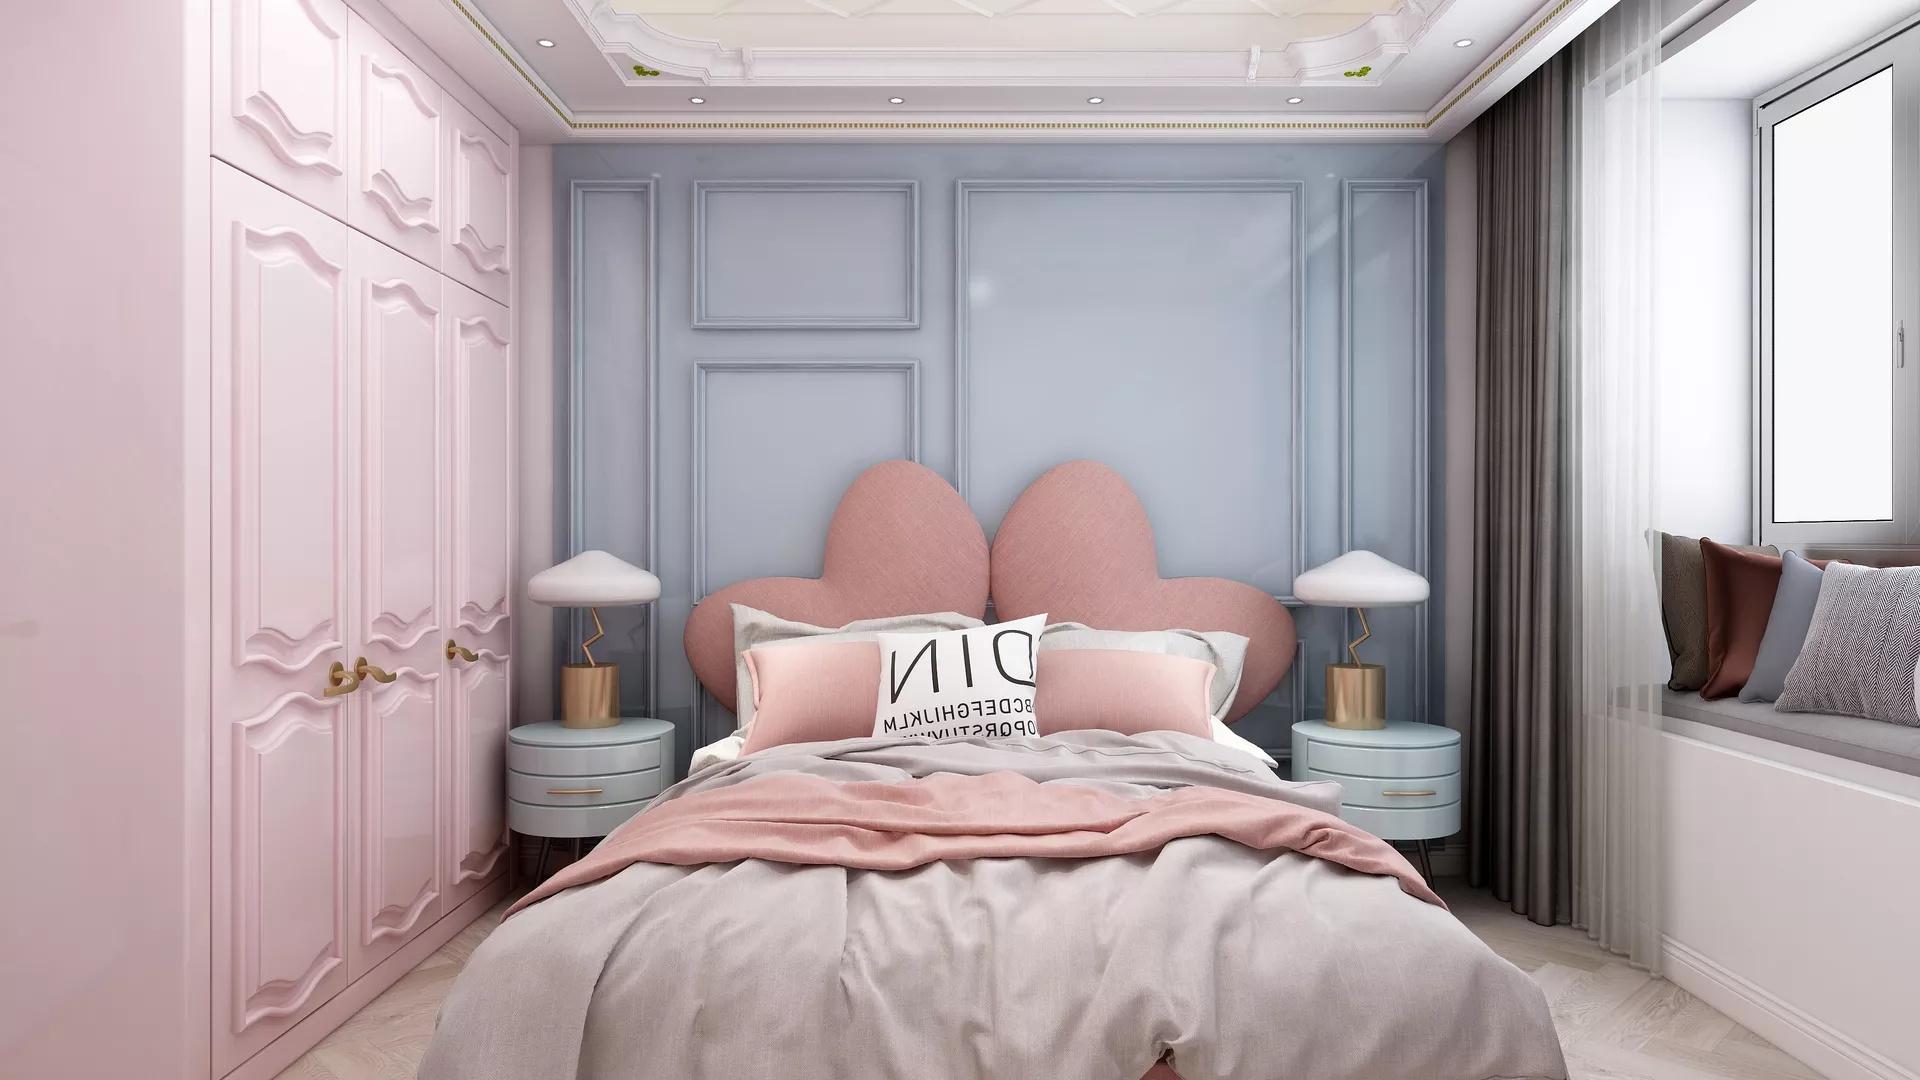 欧式风格浪漫唯美型客厅装修效果图